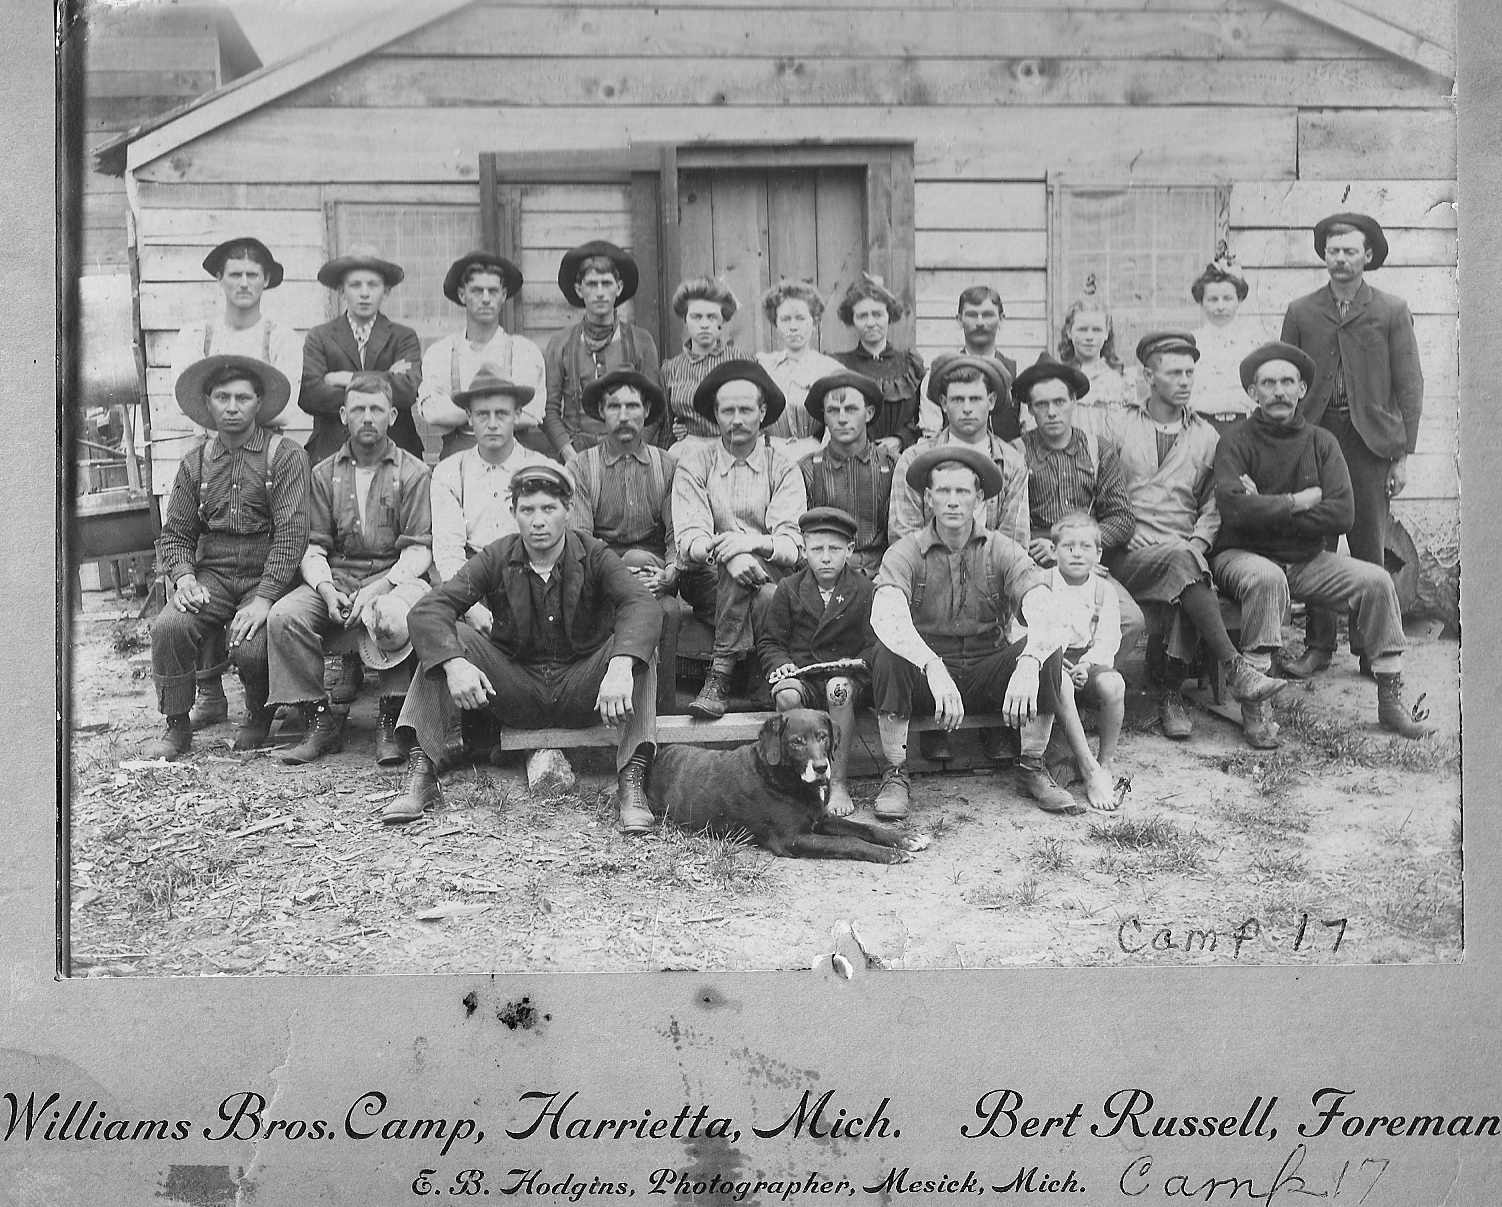 Harrietta Camp Number 17